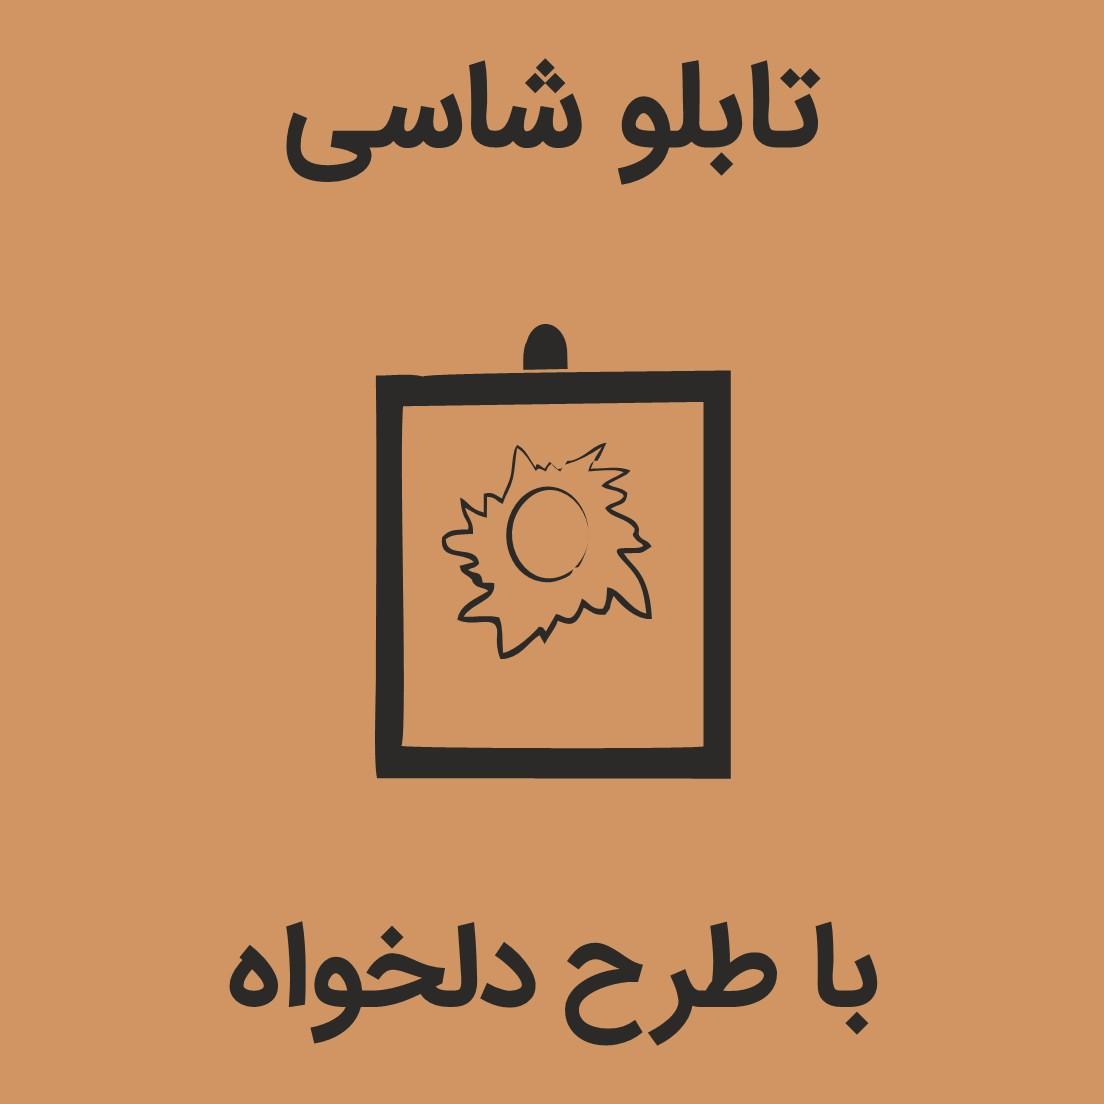 تابلو شاسی با طراحی اختصاصی و طرح دلخواه شما تابلو عکس